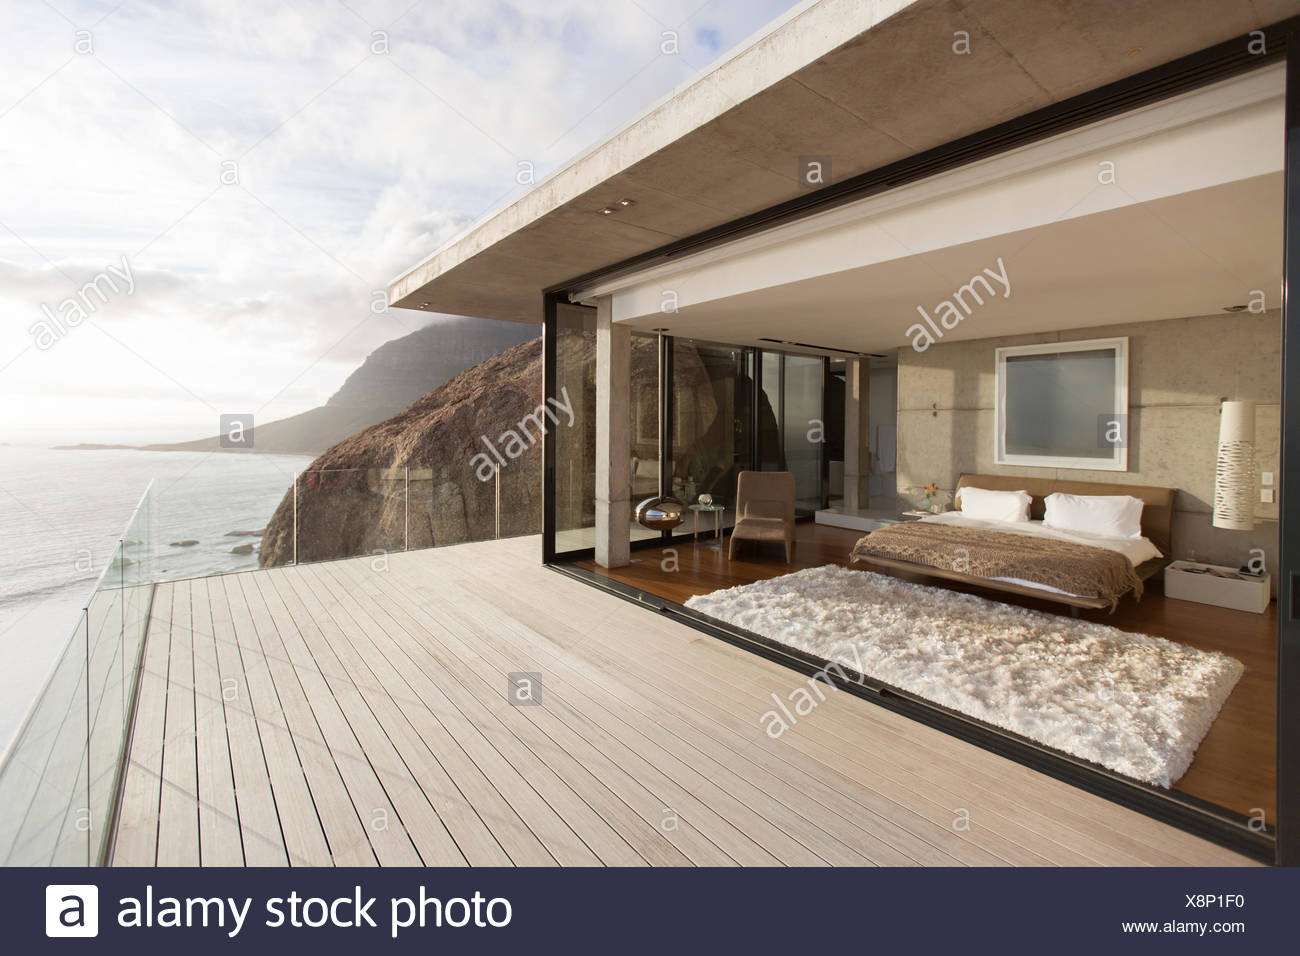 Dormitorio moderno de apertura en balcón Imagen De Stock